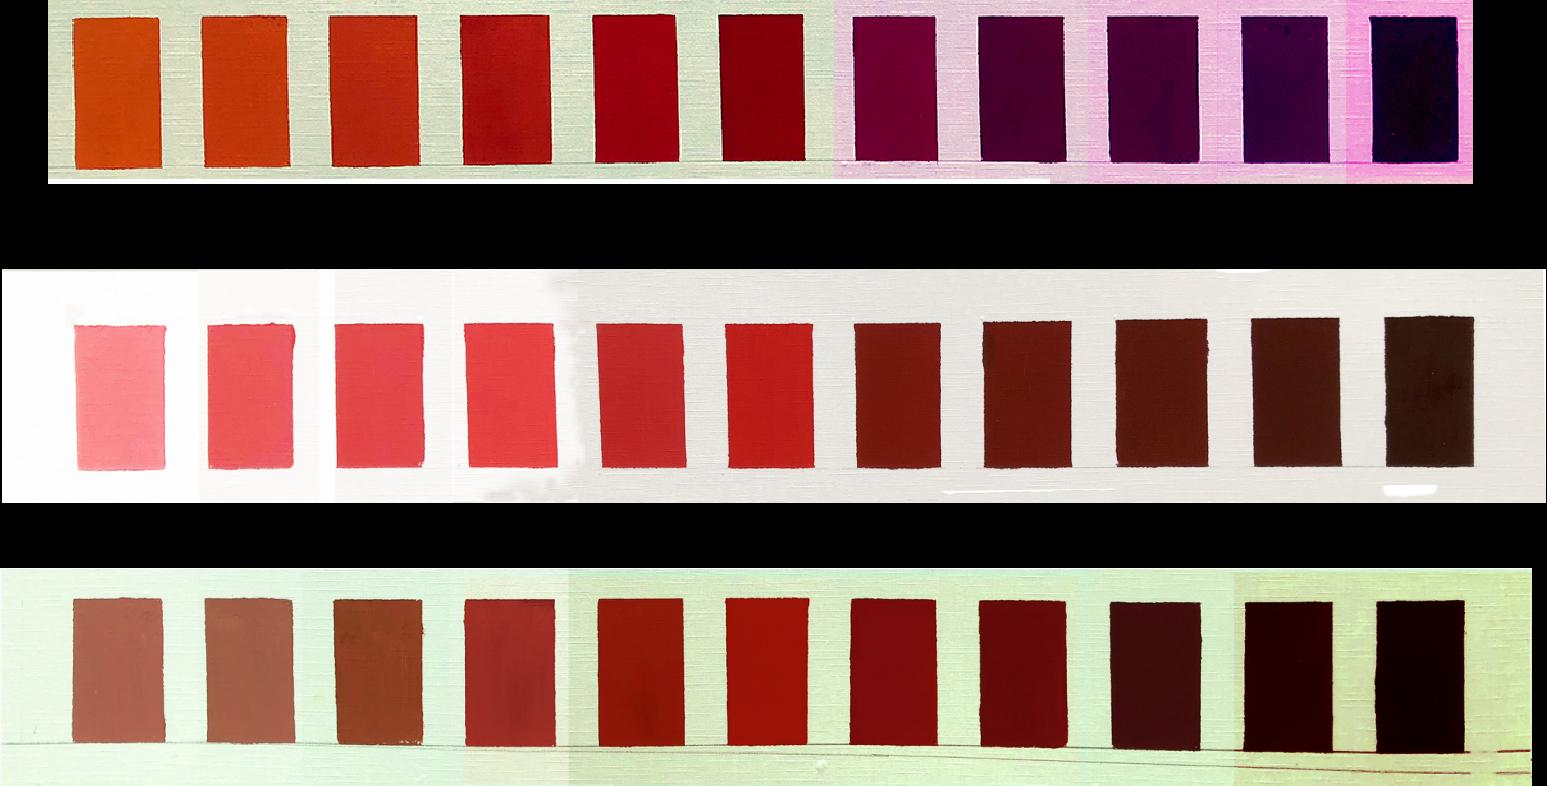 色彩基础原理训练